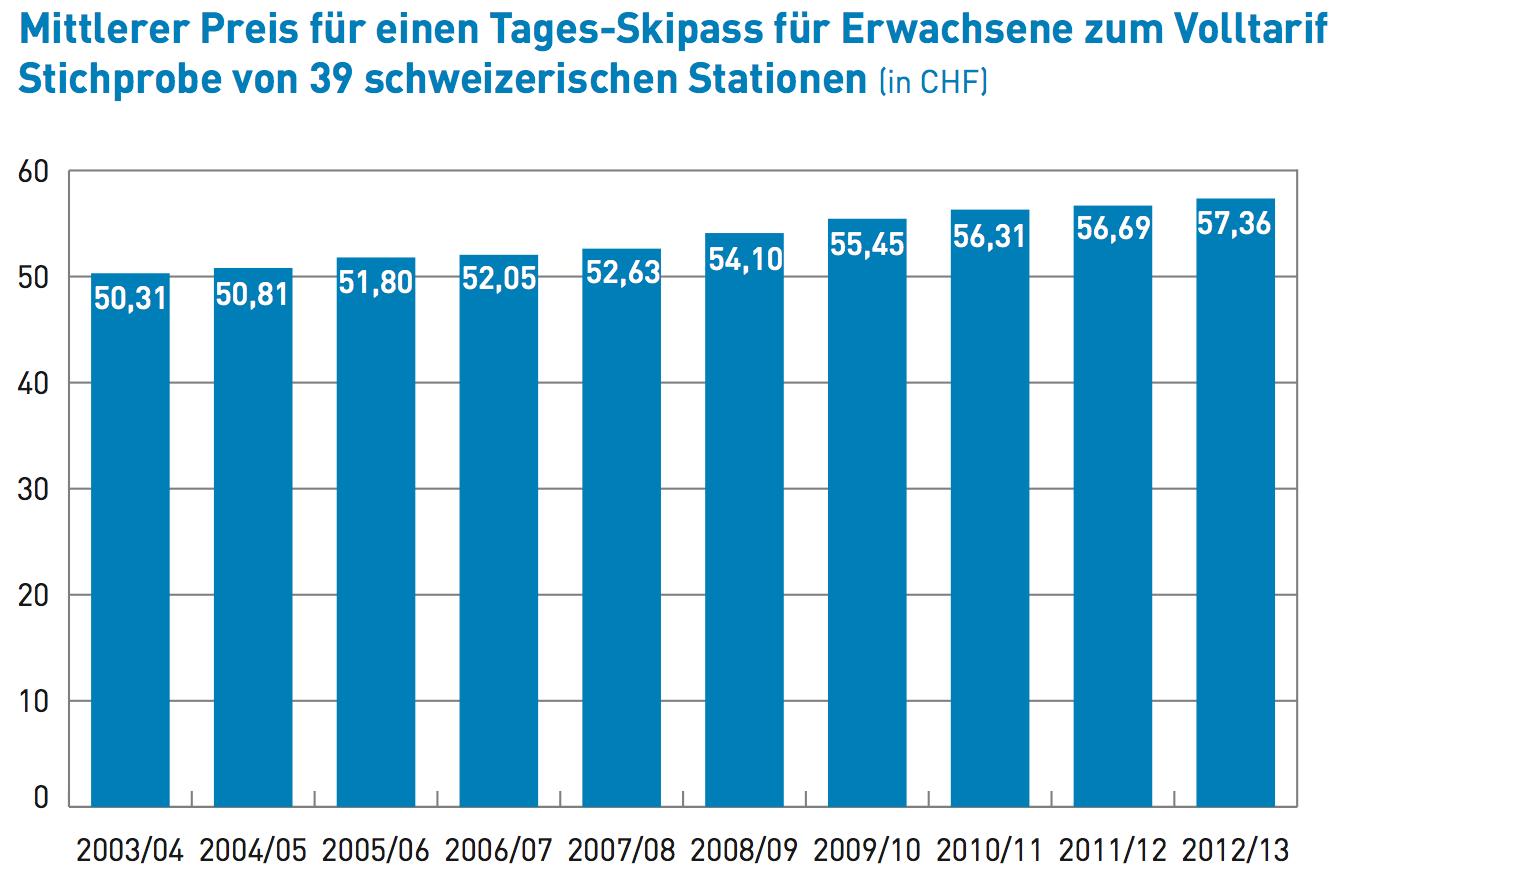 (Quelle: Saisonbilanz der Schweizer Skigebiete - Winter 2012/13, Seilbahnen Schweiz)